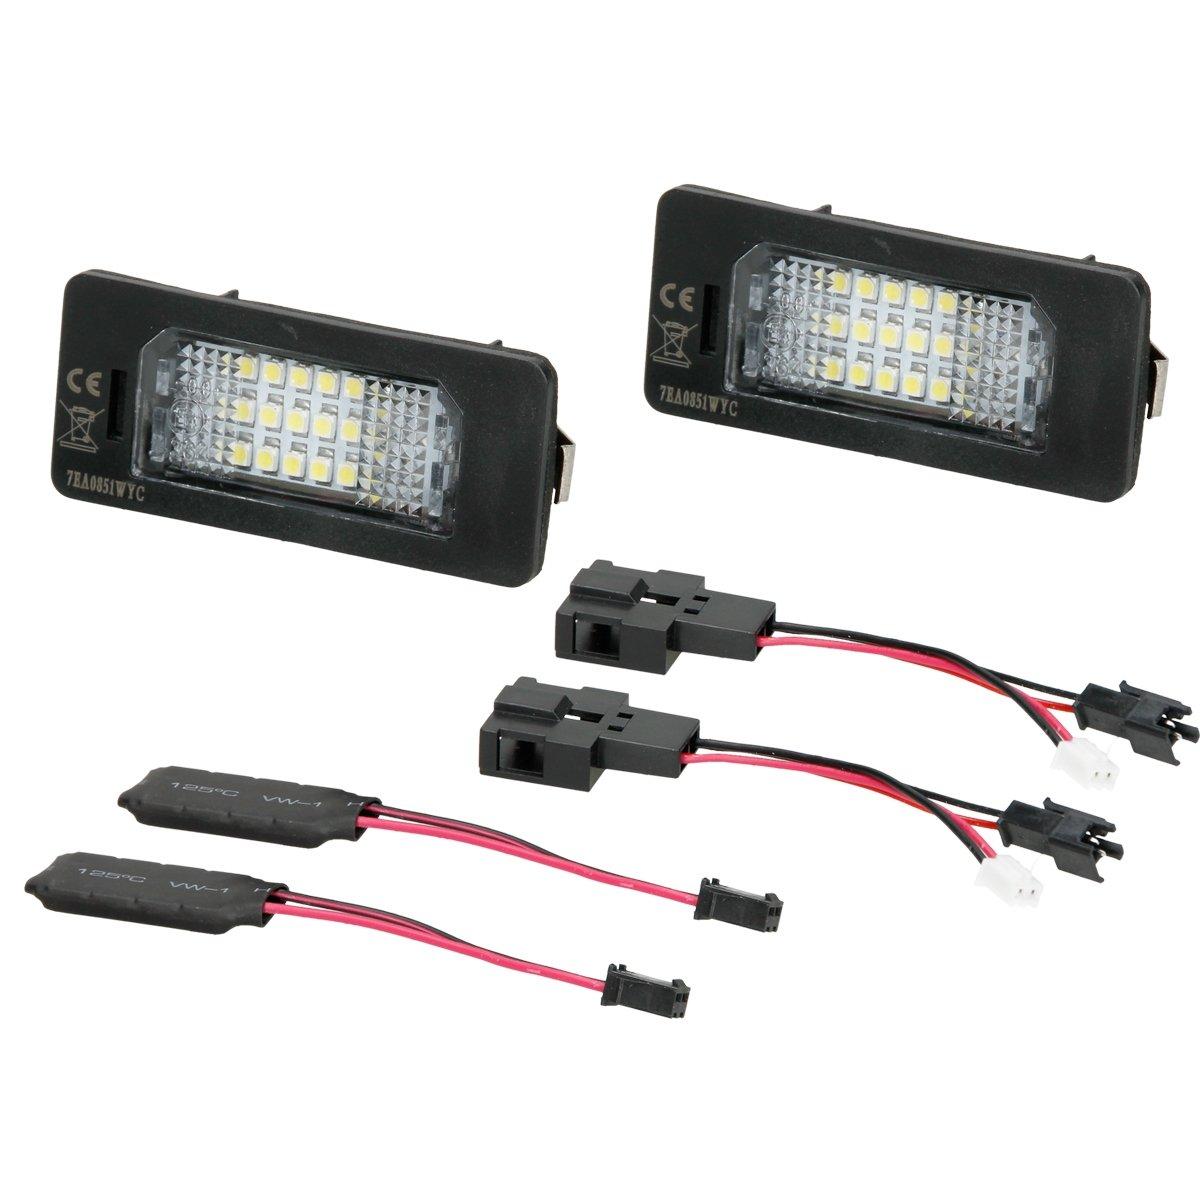 ECD Germany 2 x LED Kennzeichenbeleuchtung mit E-Prü fzeichen 18 SMD Kennzeichen Beleuchtung Kennzeichenleuchte Nummernschild Licht